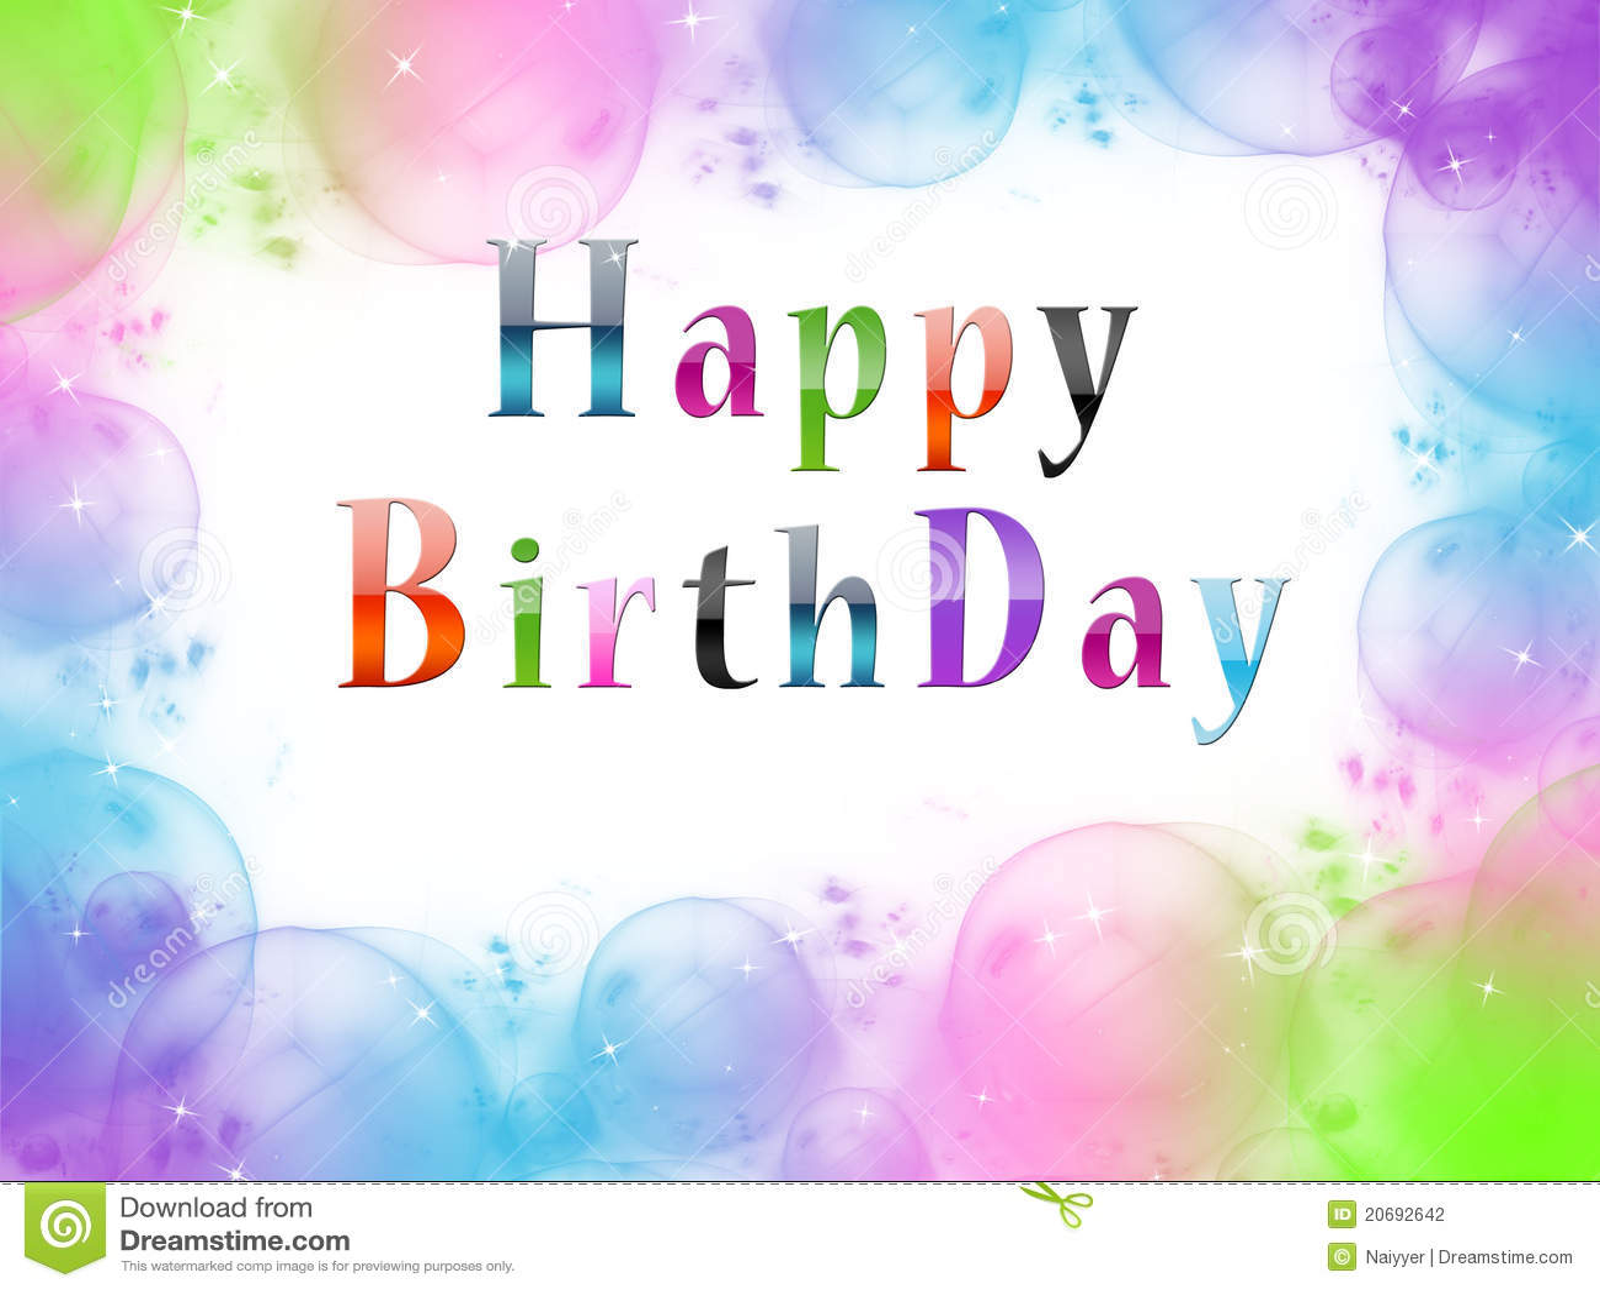 иллюстрация приветствиям дня рождения